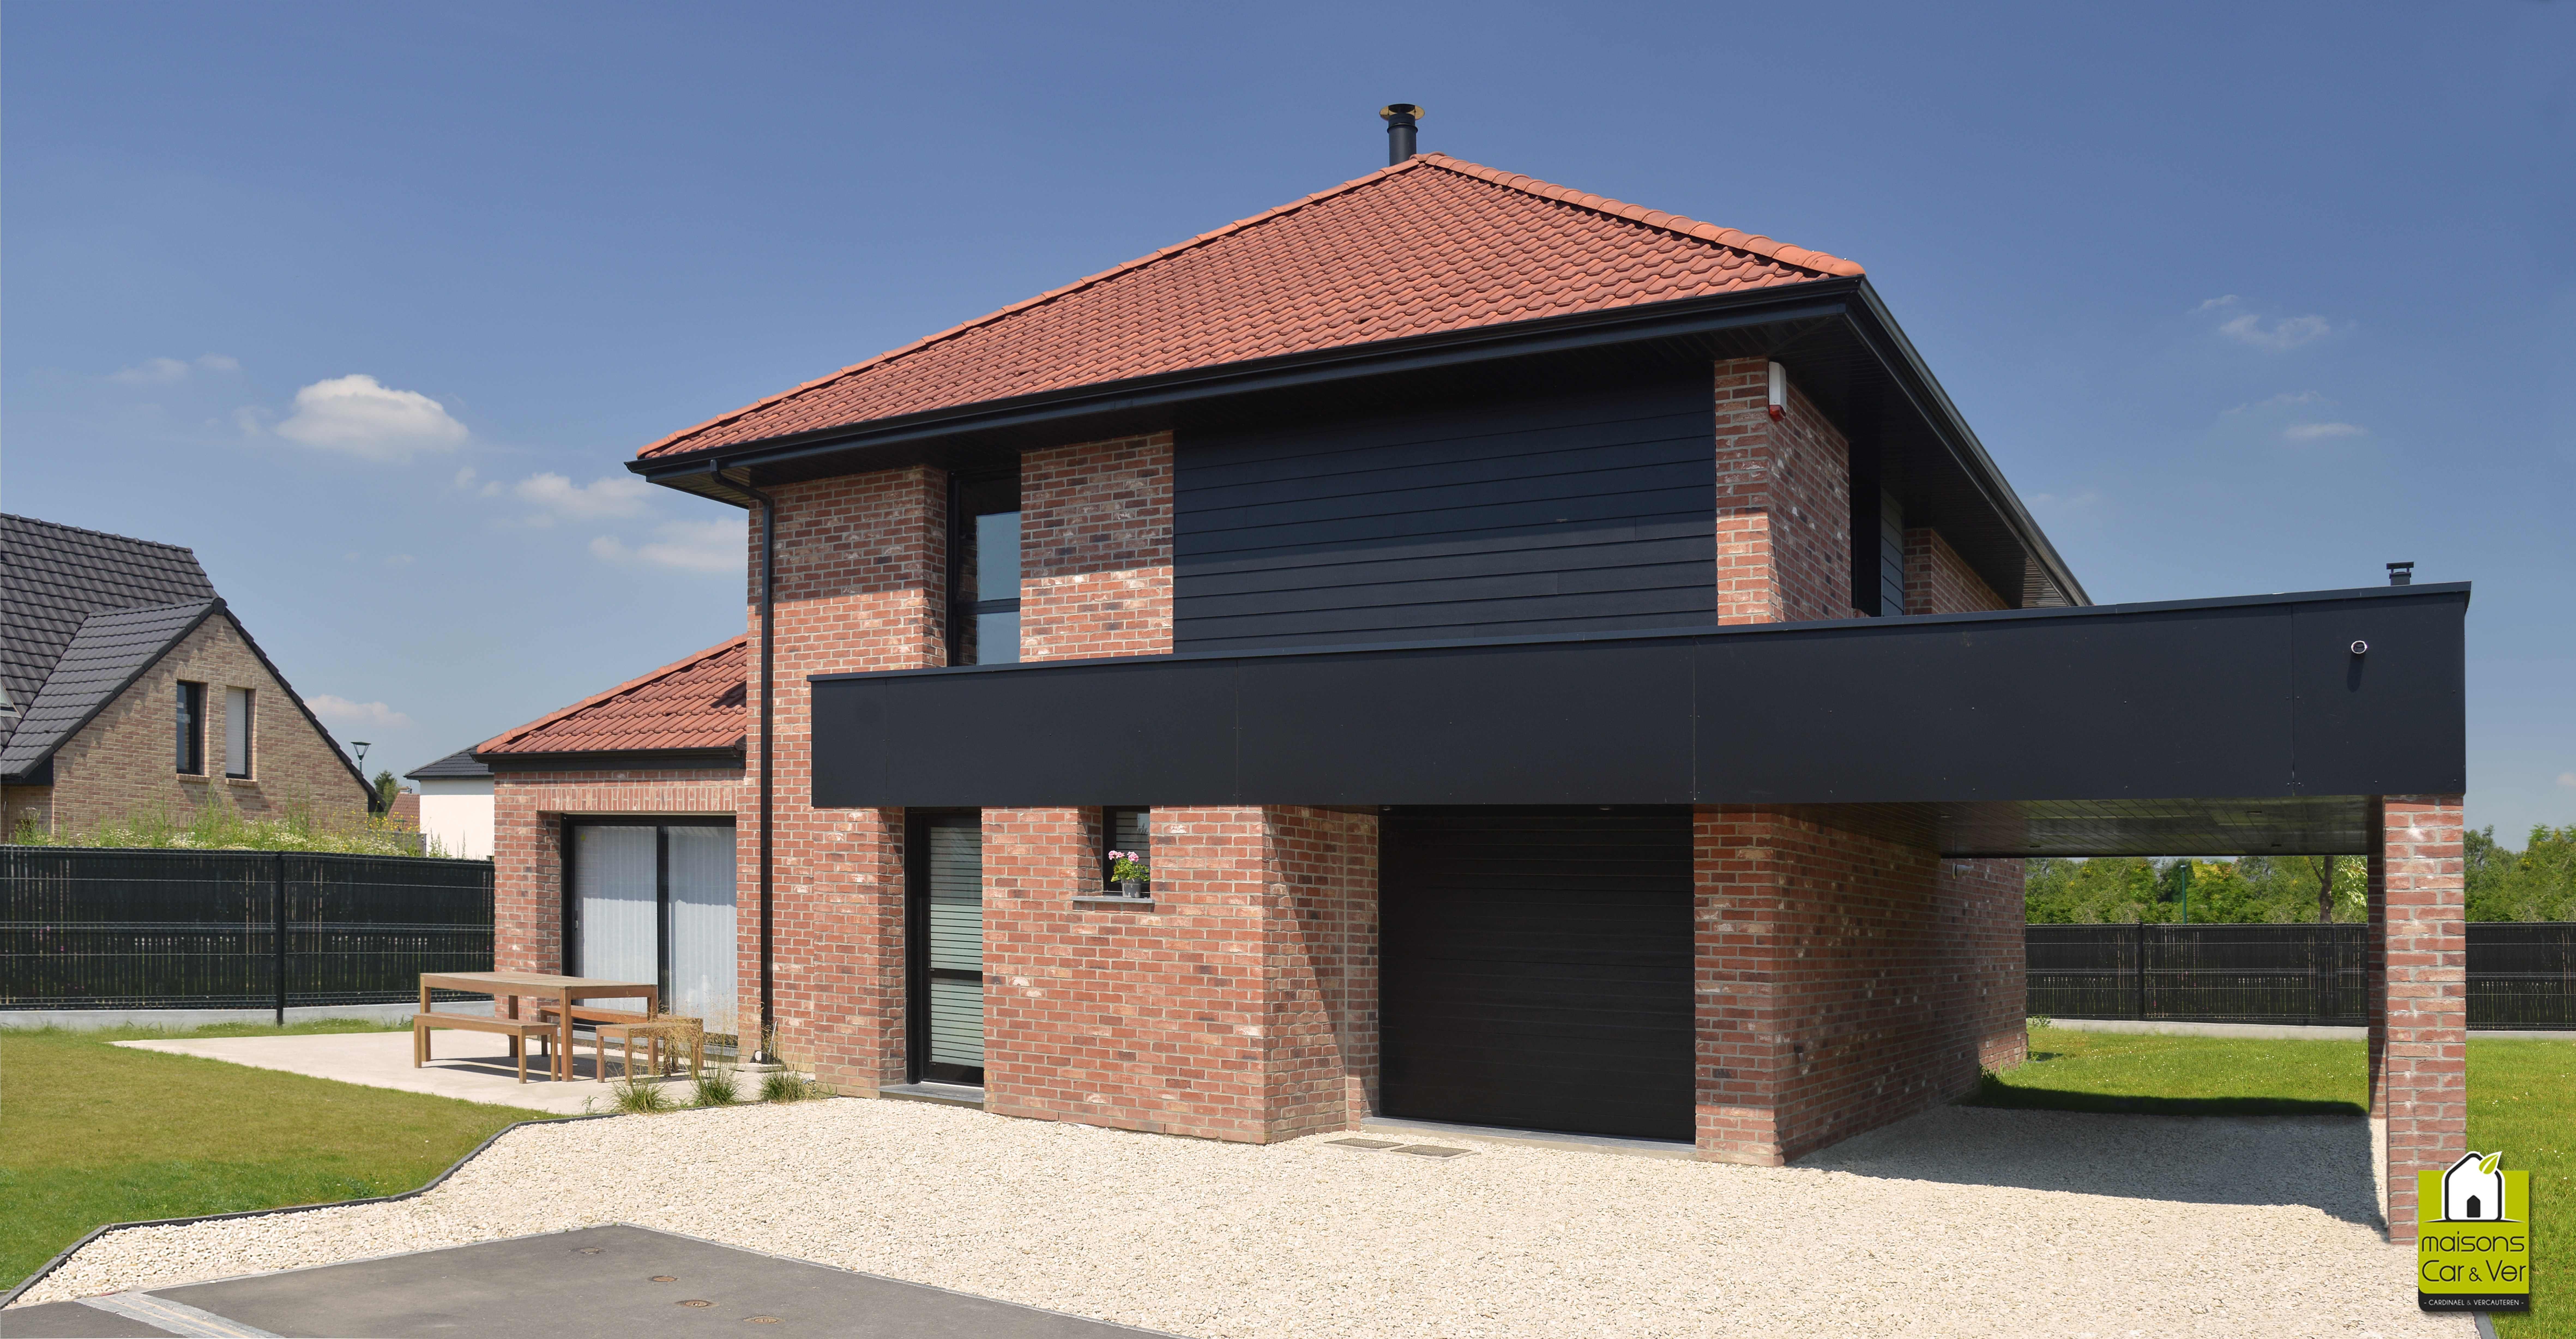 Maison brique toit 4 pans | Maison individuelle | House styles, Home ...